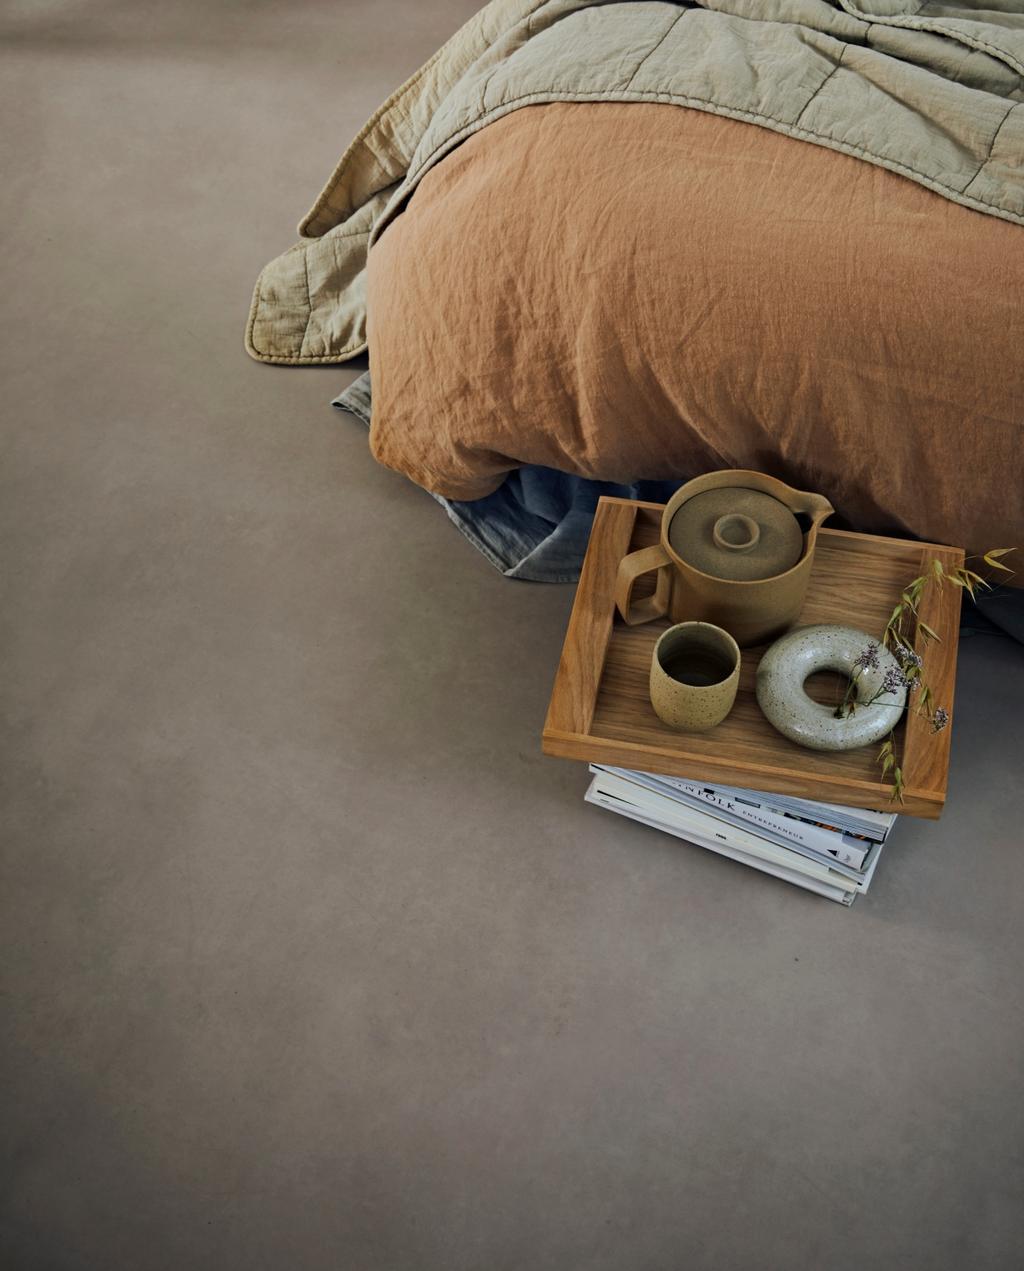 vtwonen collectie 07-2020 novilon slaapkamer met bed en dienblad